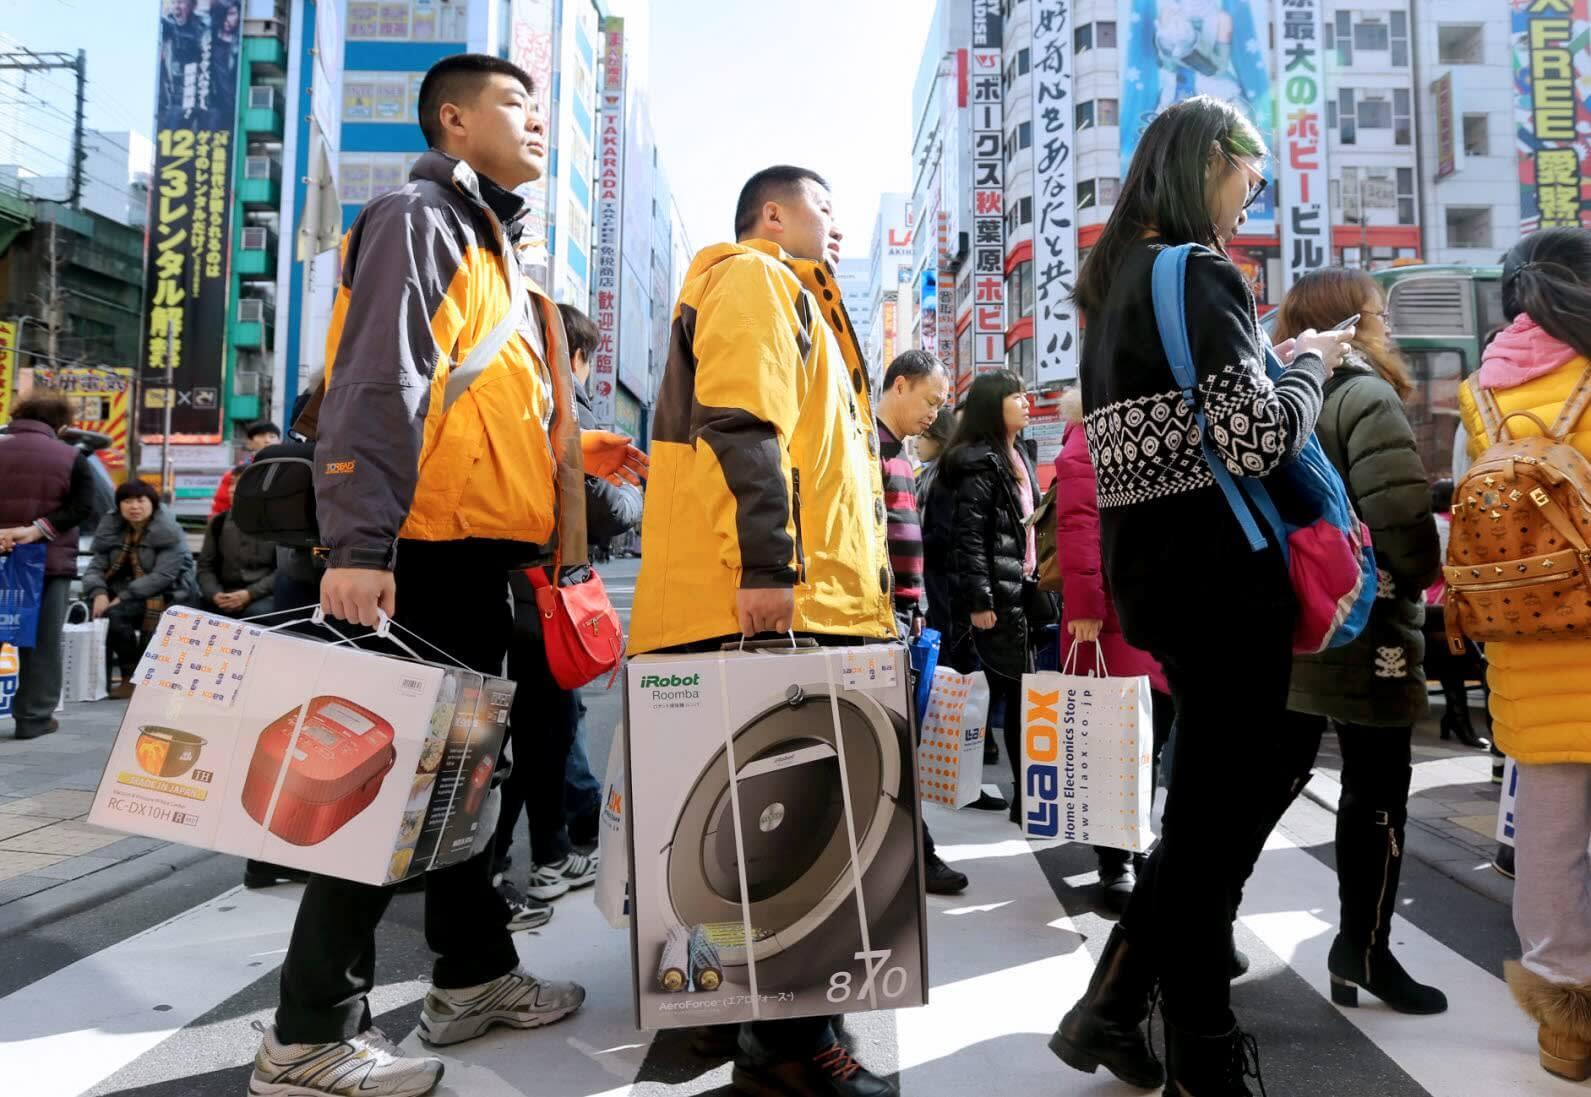 لماذا اليابان هي الوجهة الأكثر شعبية للسياح الصينيين؟